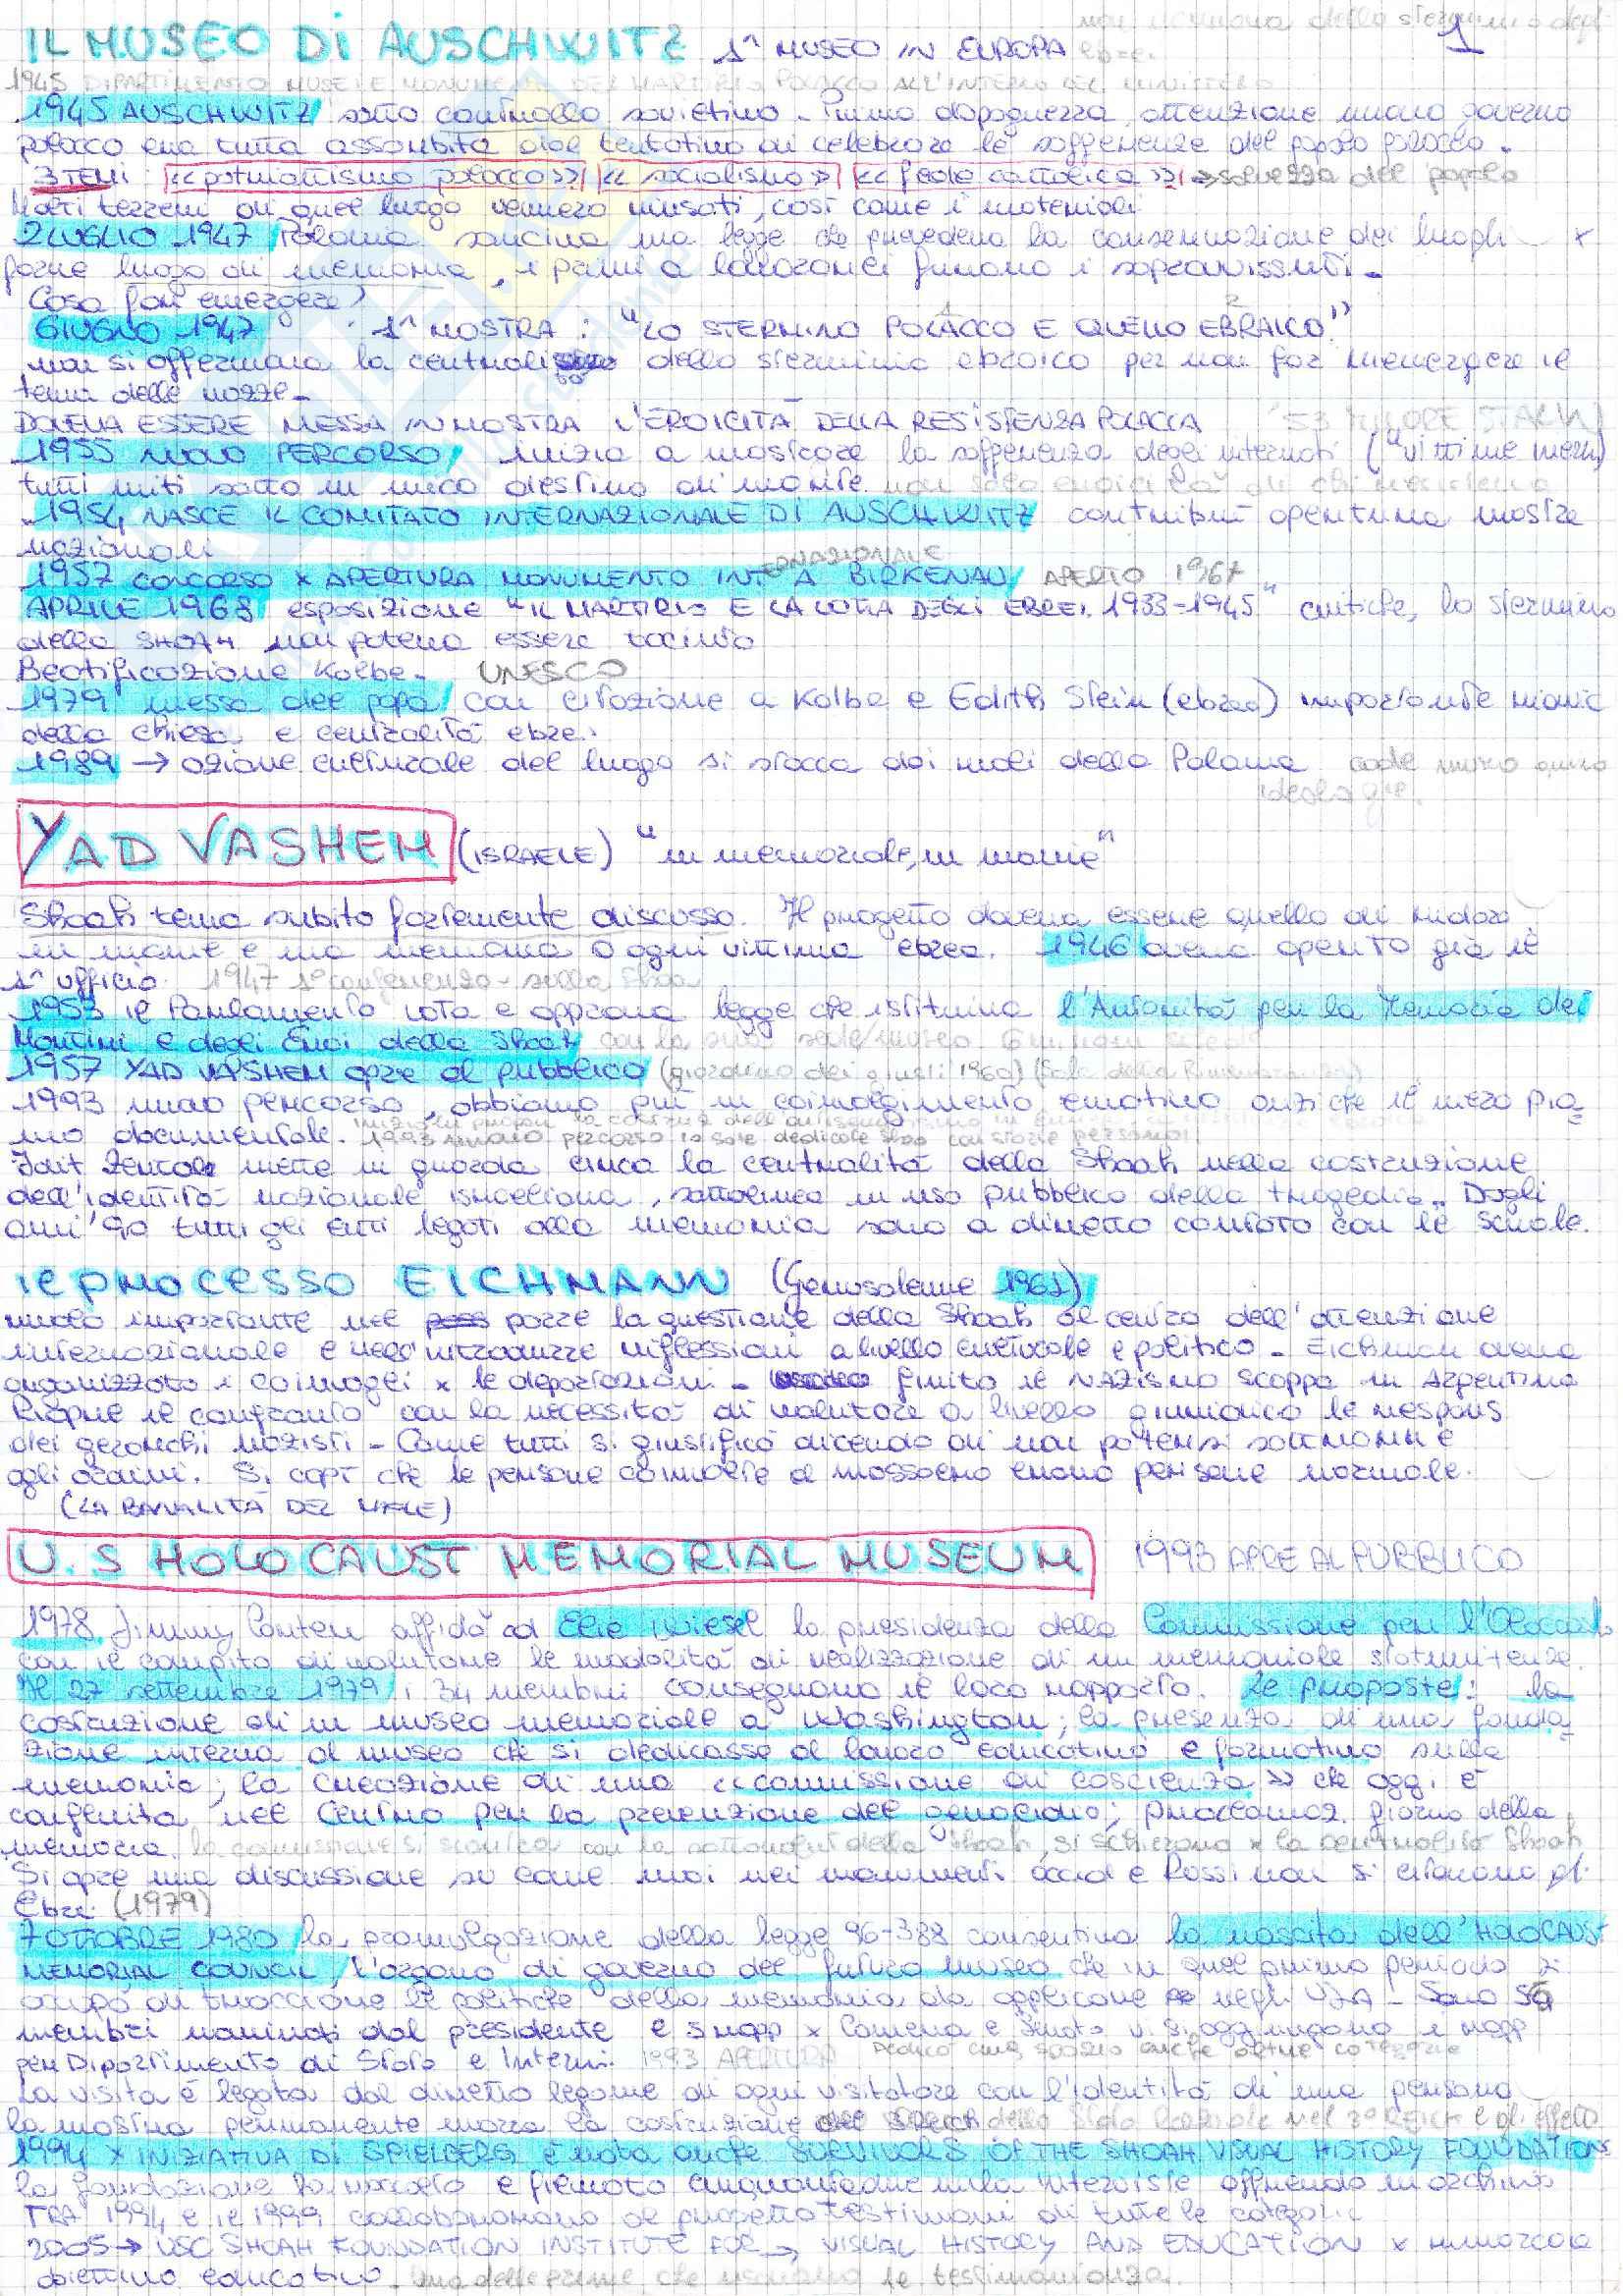 Storia dei processi comunicativi e formativi